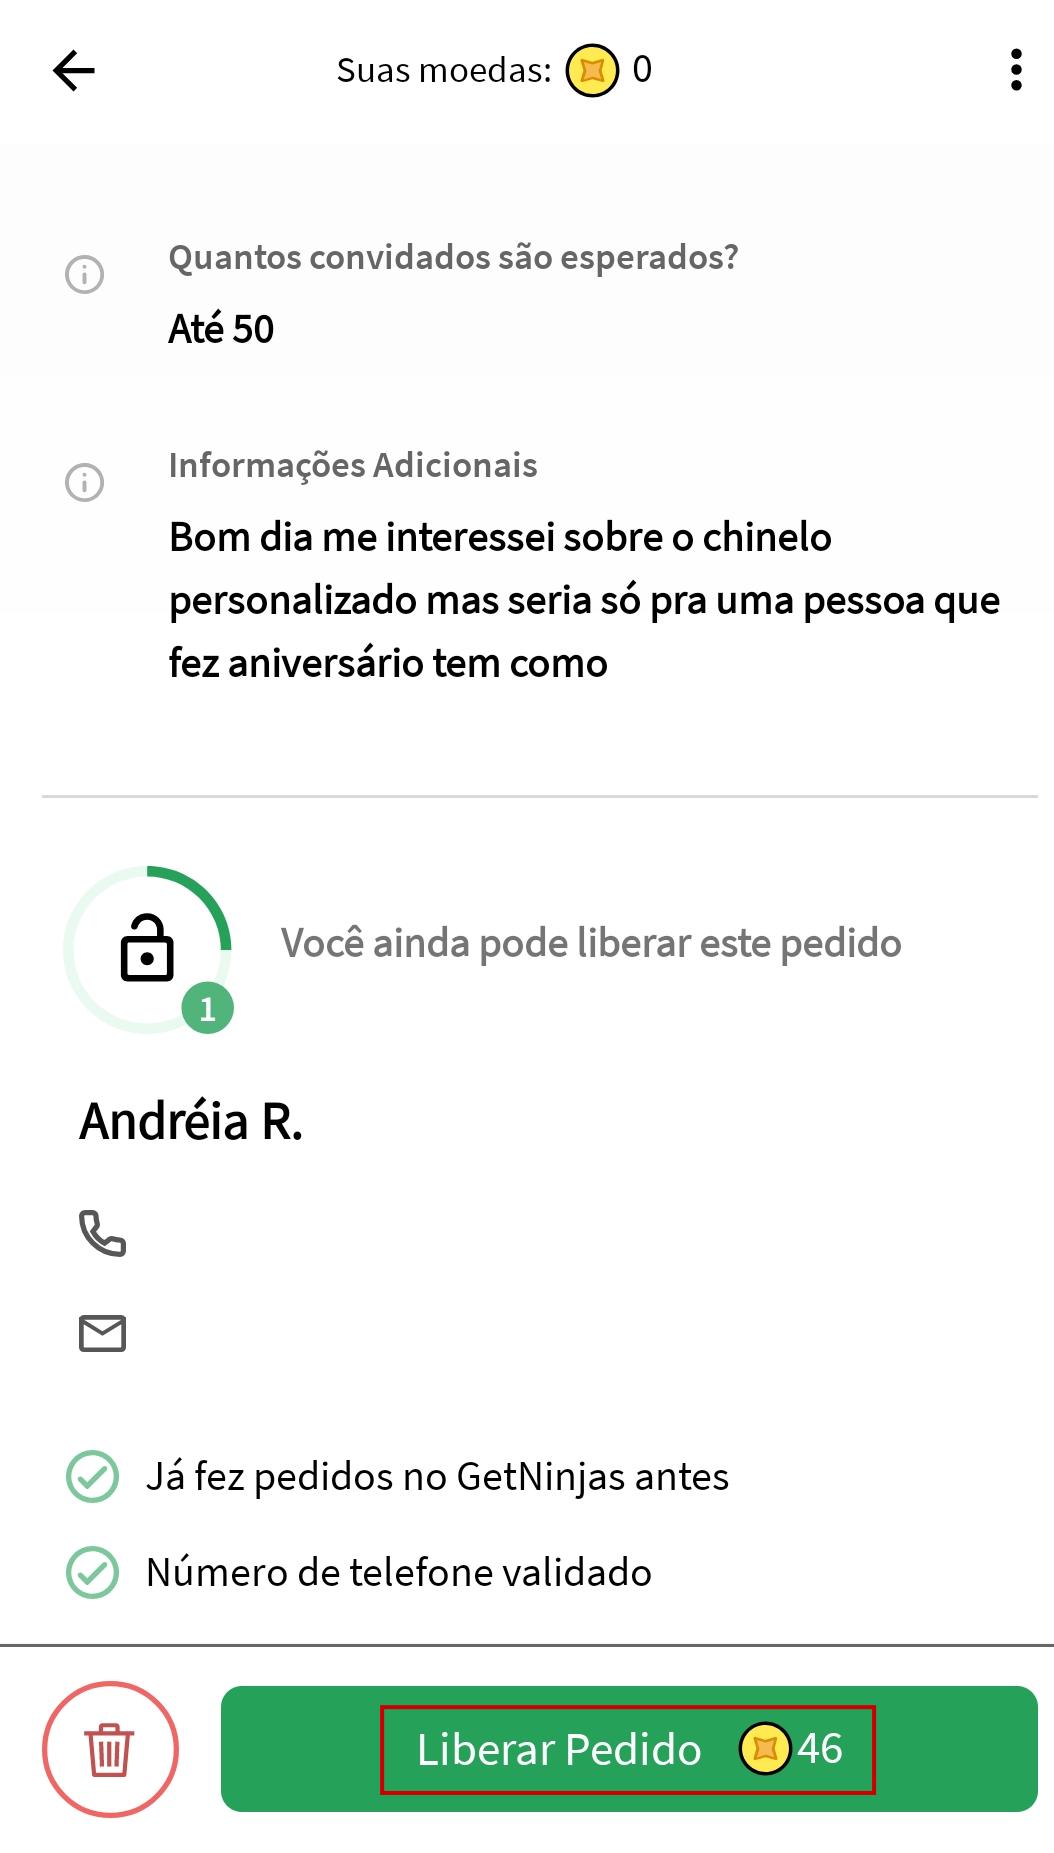 Tela do aplicativo GetNinjas com destaque aum botão em cor verde na parte inferior da tela com a mensagem 'Liberar pedido'